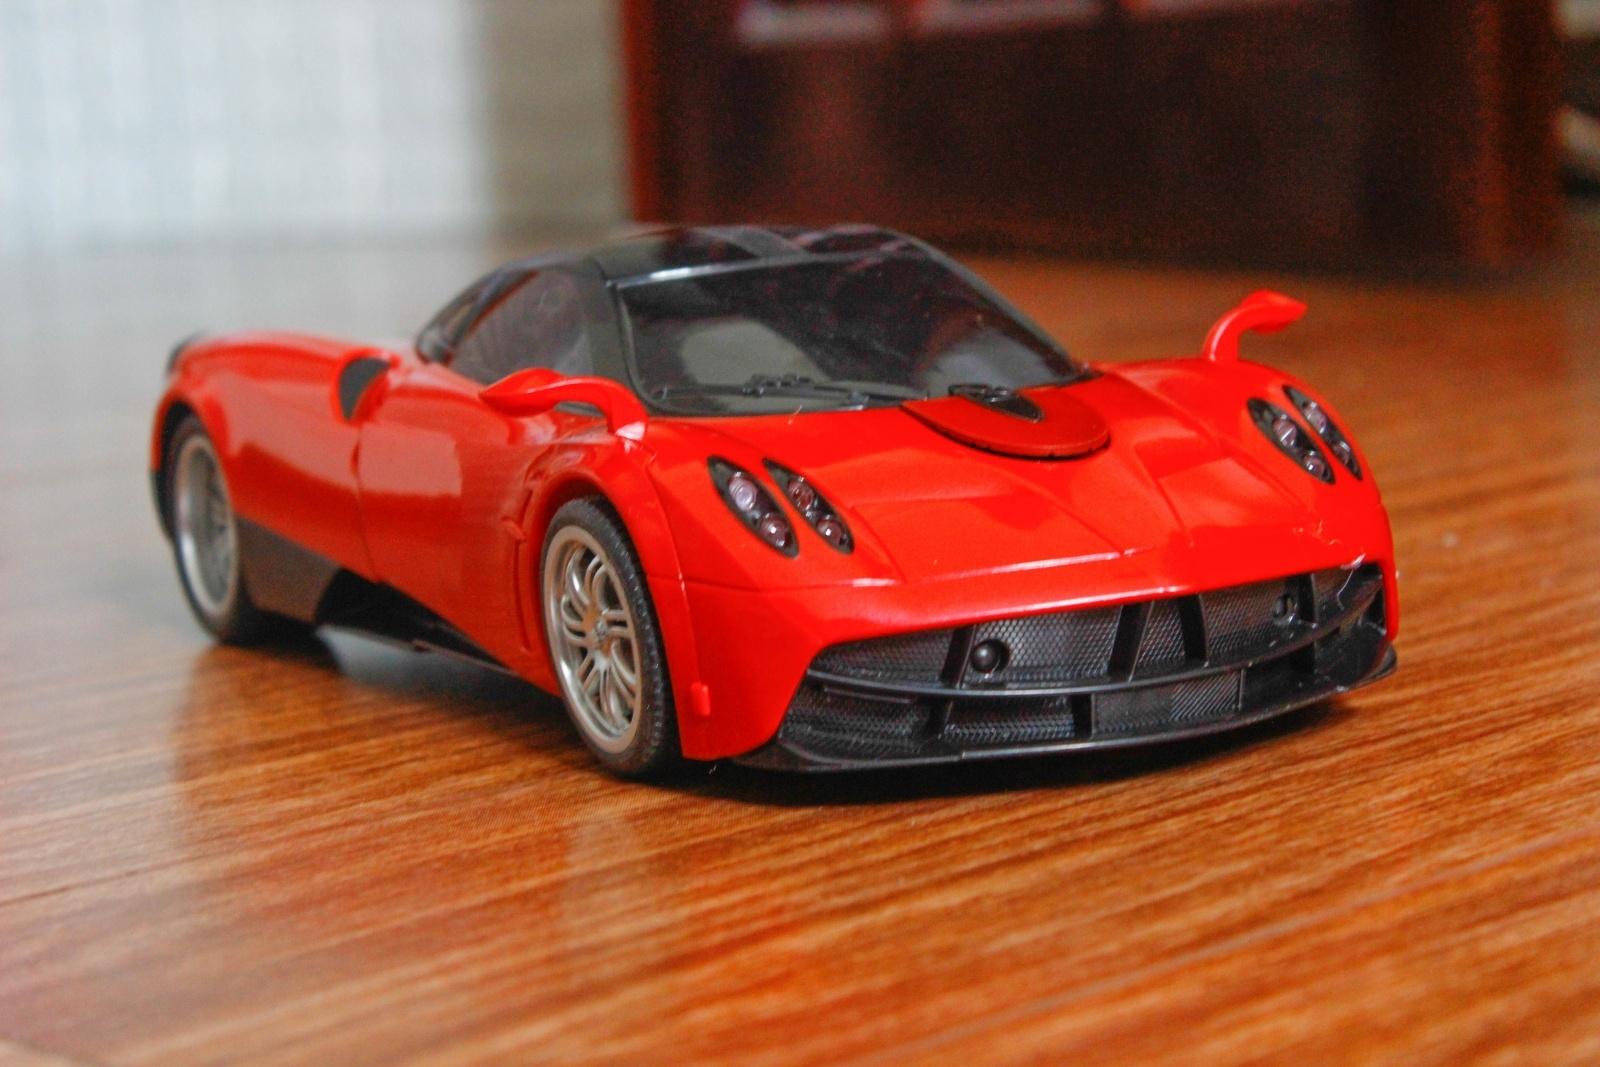 bán đồ chơi xe robot biến hình giá rẻ đẹp độc ở tphcm 0012